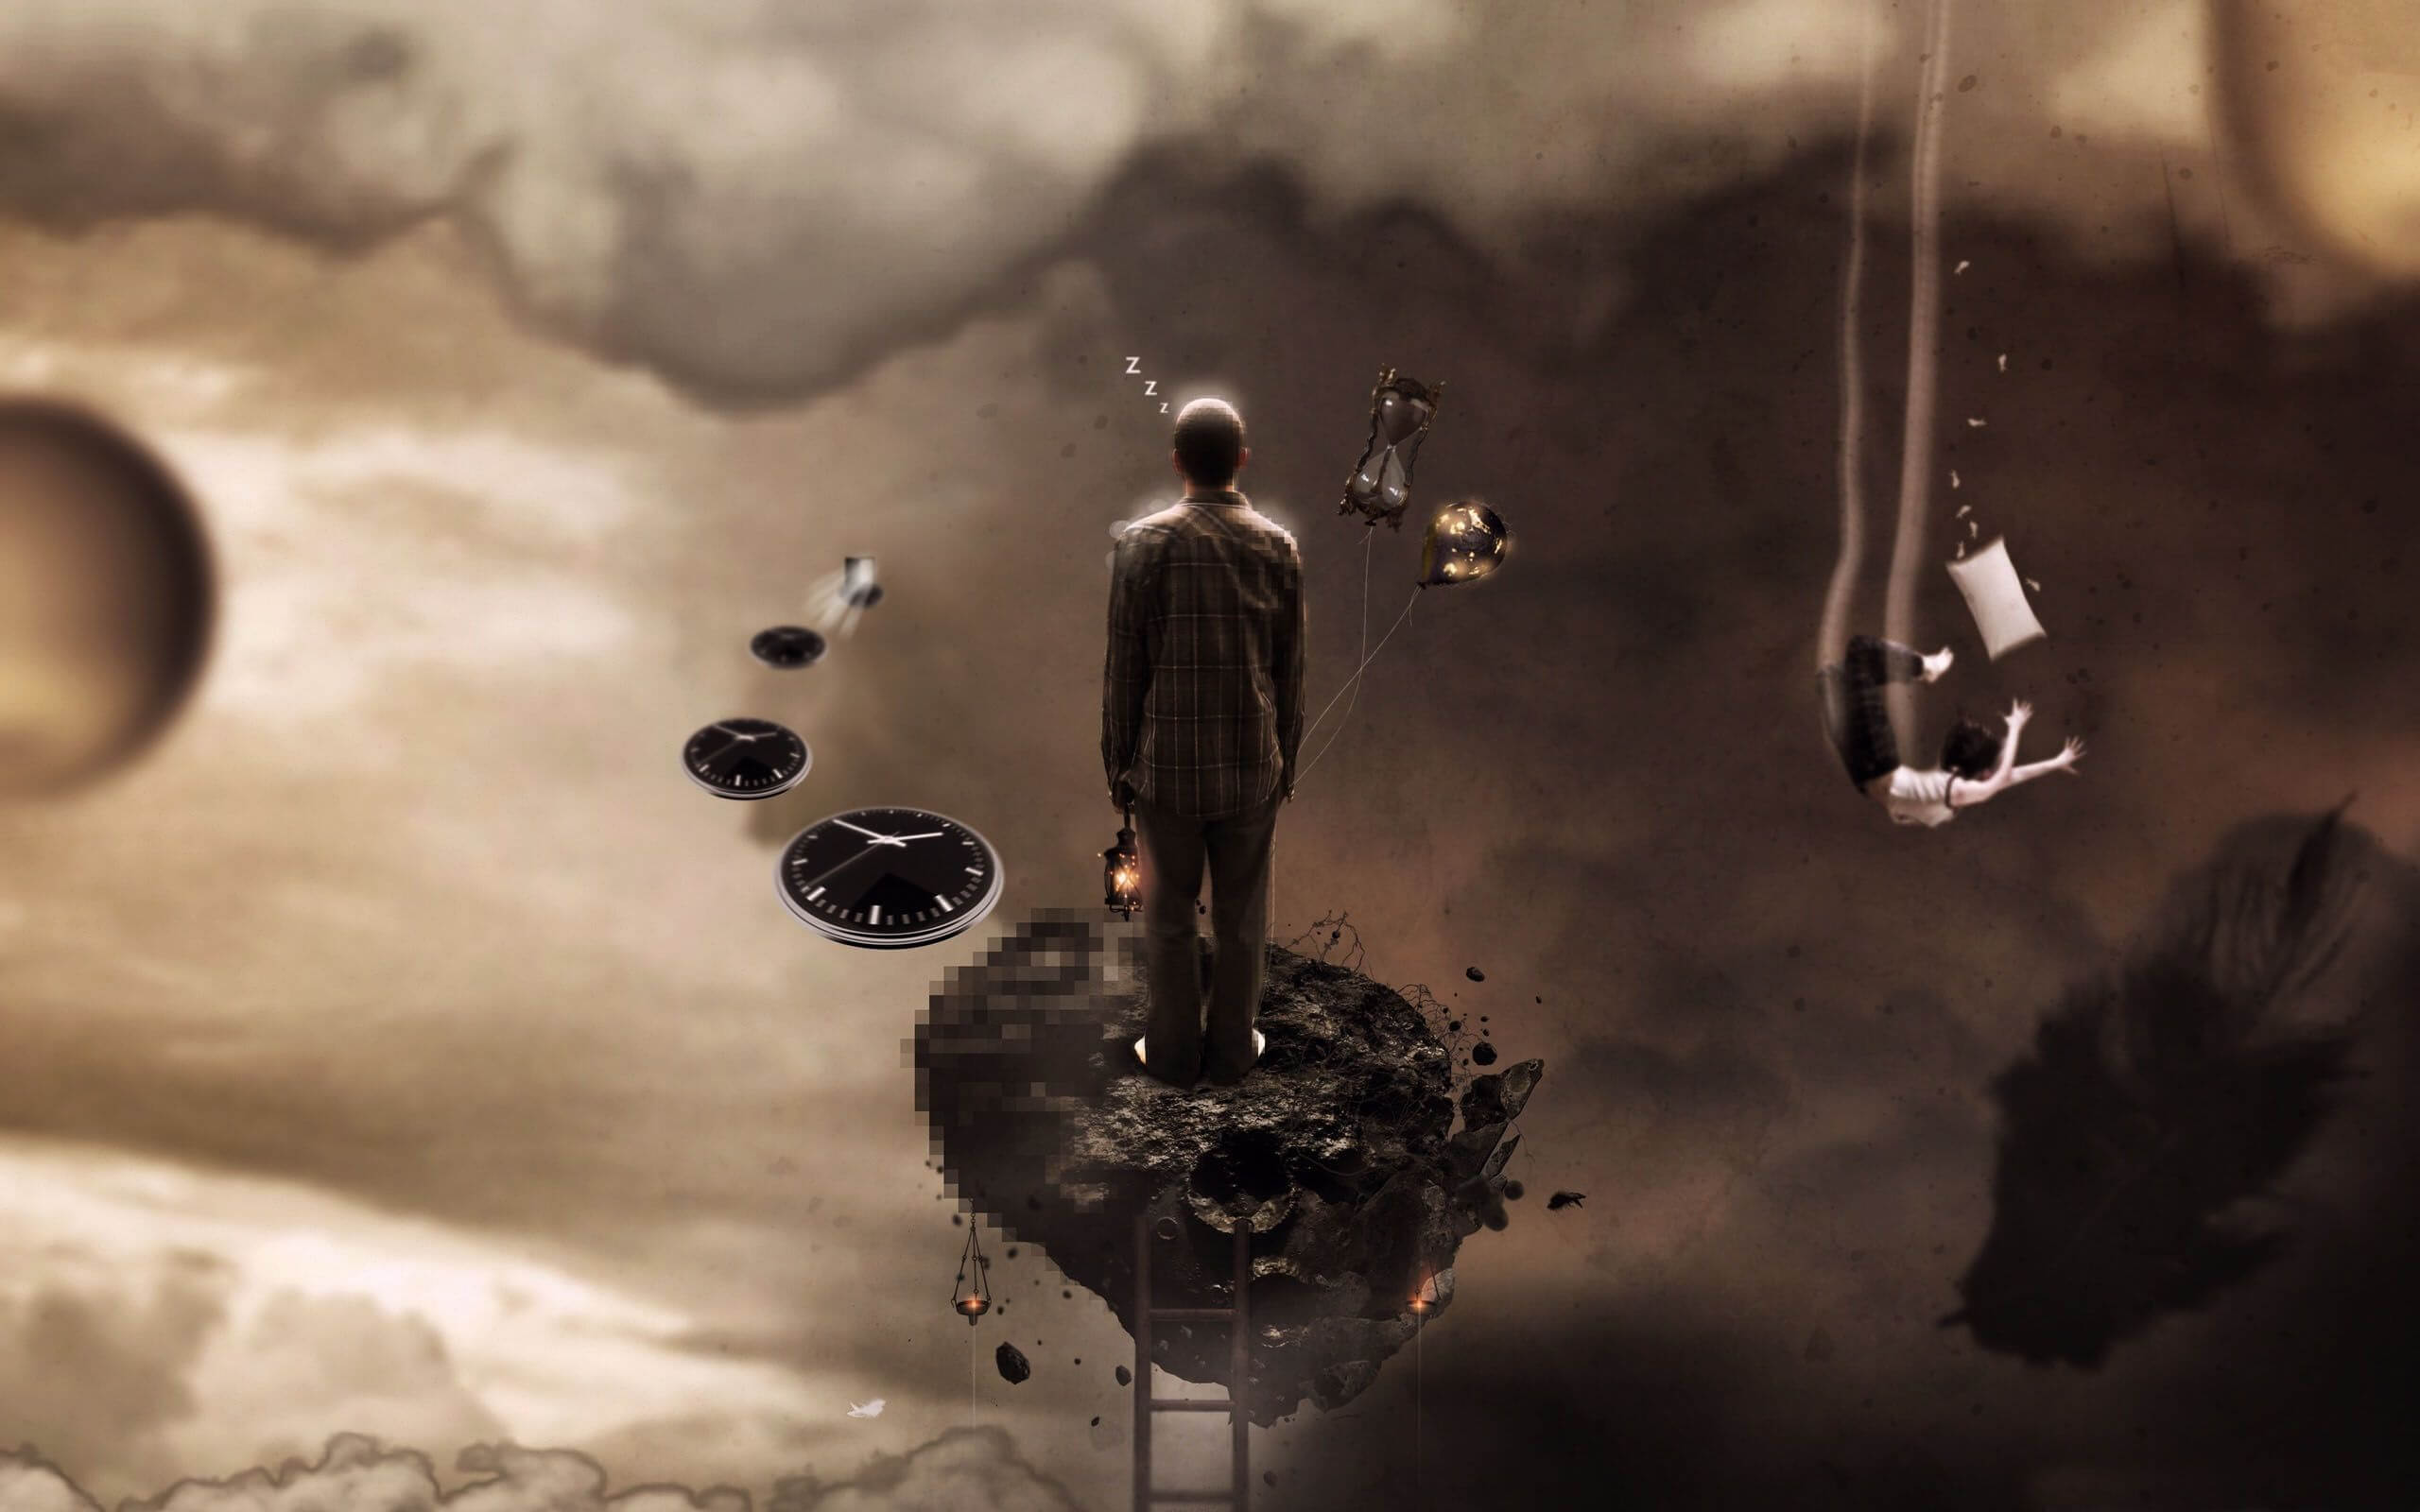 صورة تفسير حلم تقطيع جسم الانسان , احلى وافضل تفسير لحلم تقطيع جسم الانسان